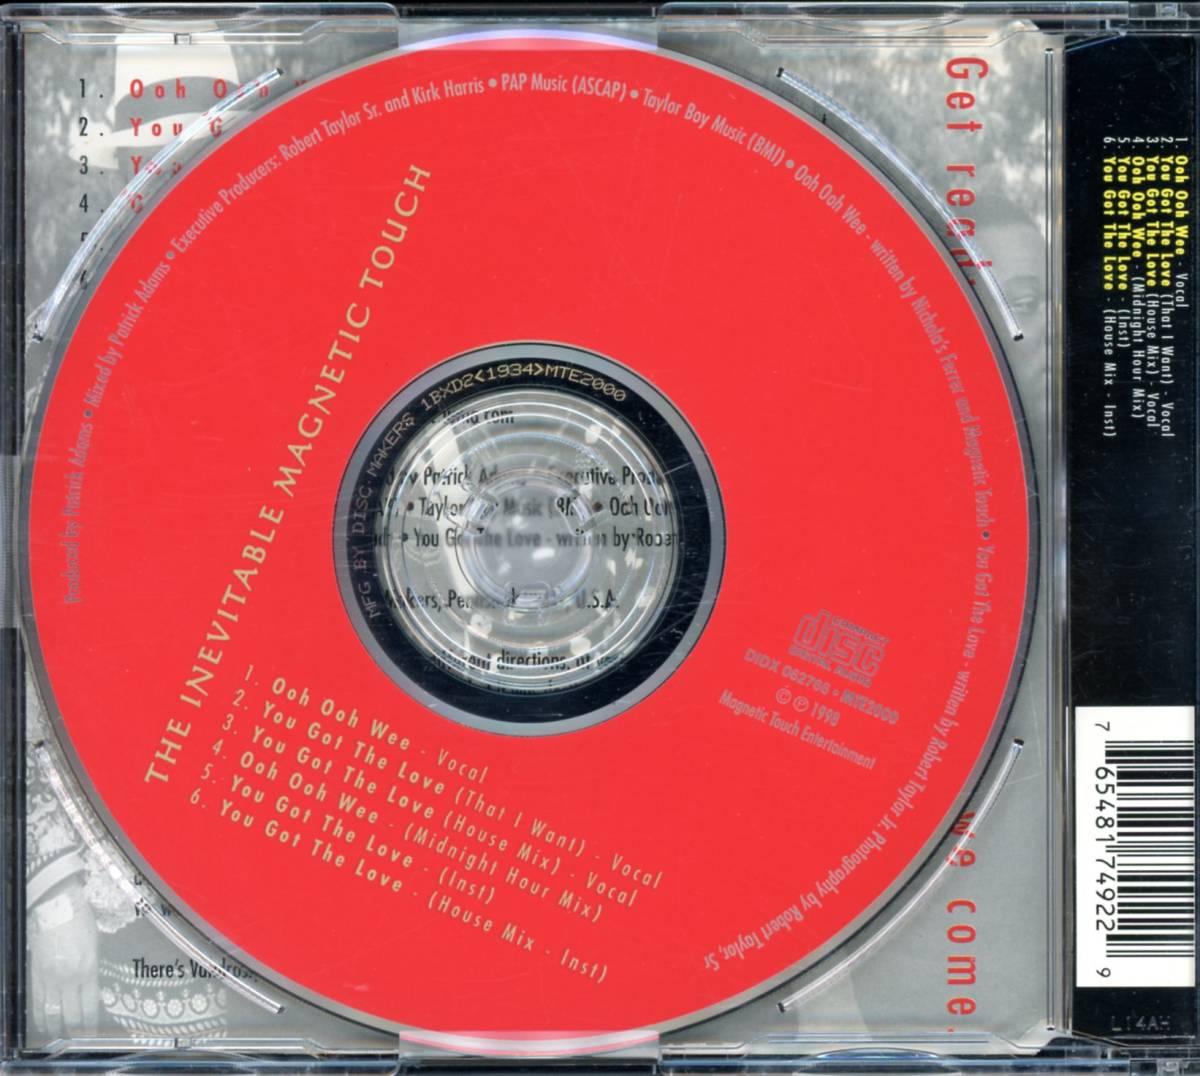 レア!!■Indie-Soul/R&B■THE INEVITABLE / magnetic touch (1998) 超~貴重作!! PATRICK ADAMS制作!!_画像2